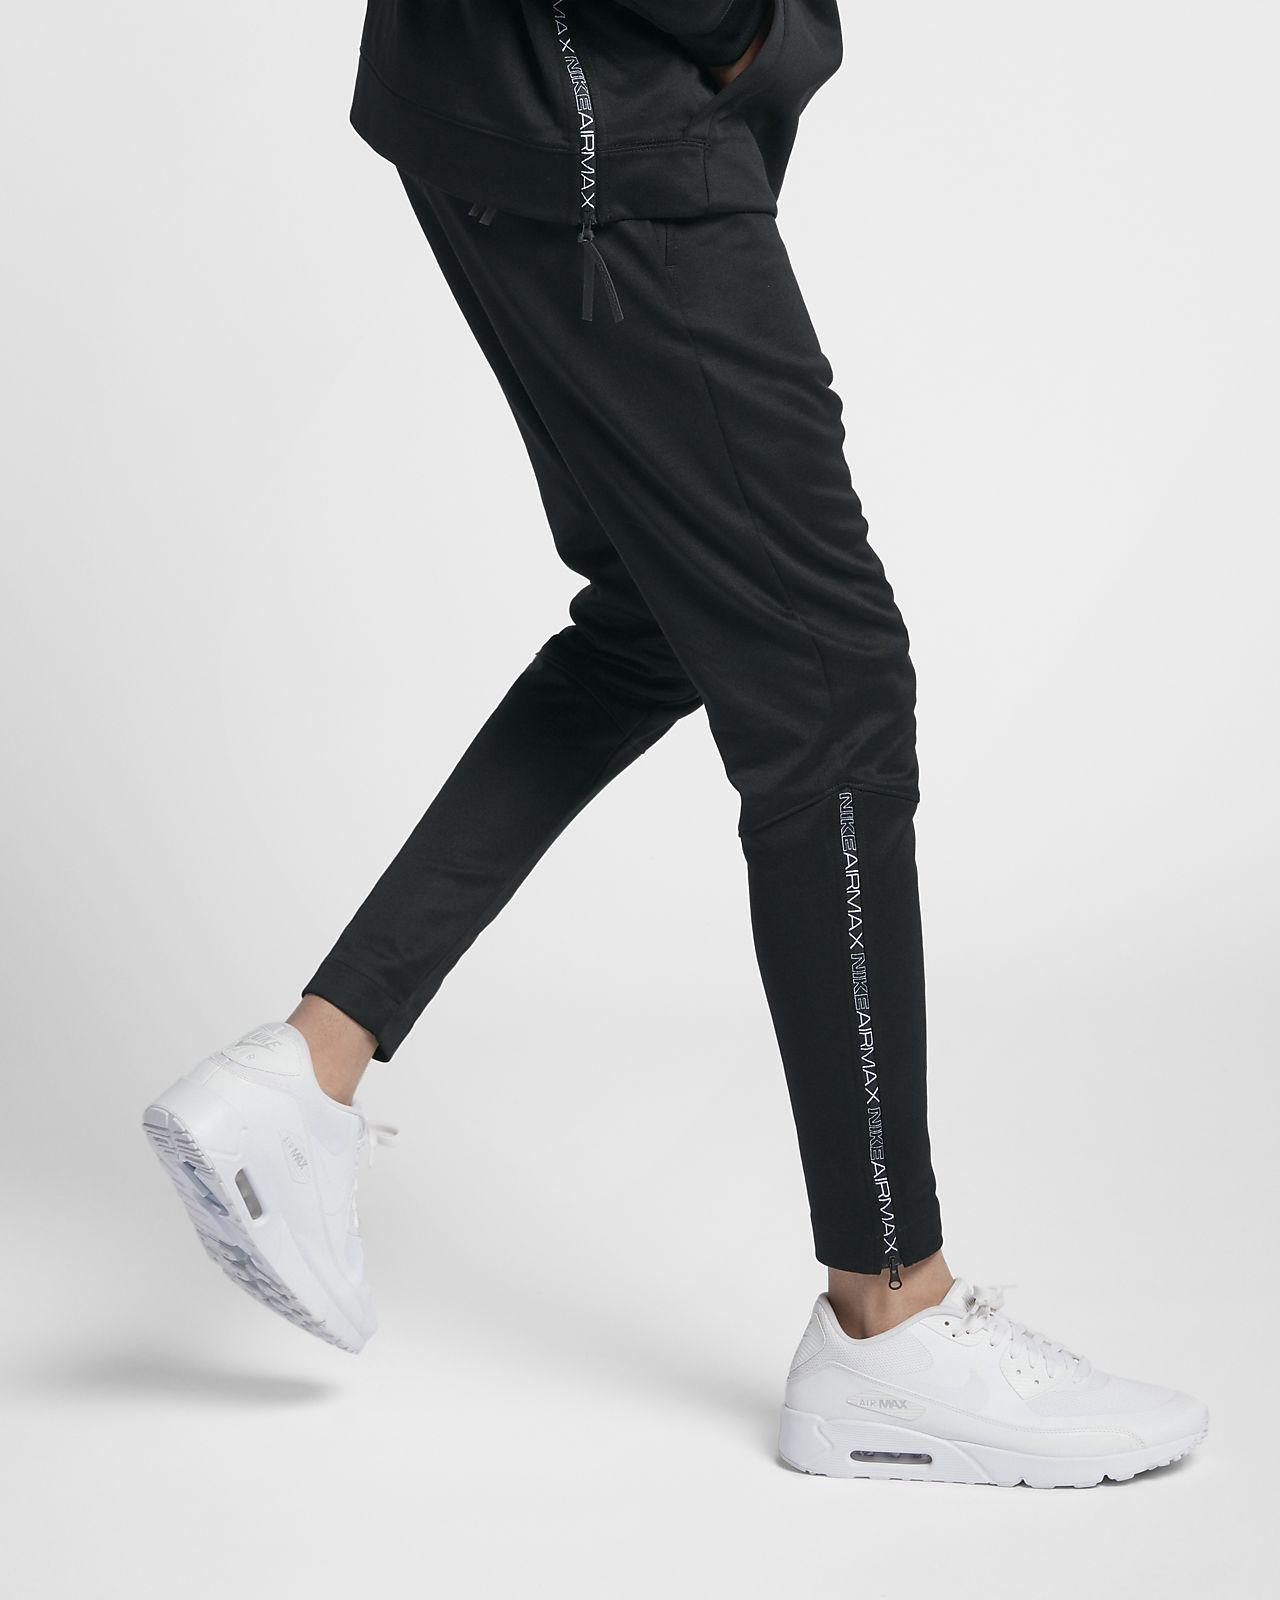 Pantalon Pantalon Pantalon De Jogging Nike Sportswear Air Max Pour Ma aaa815